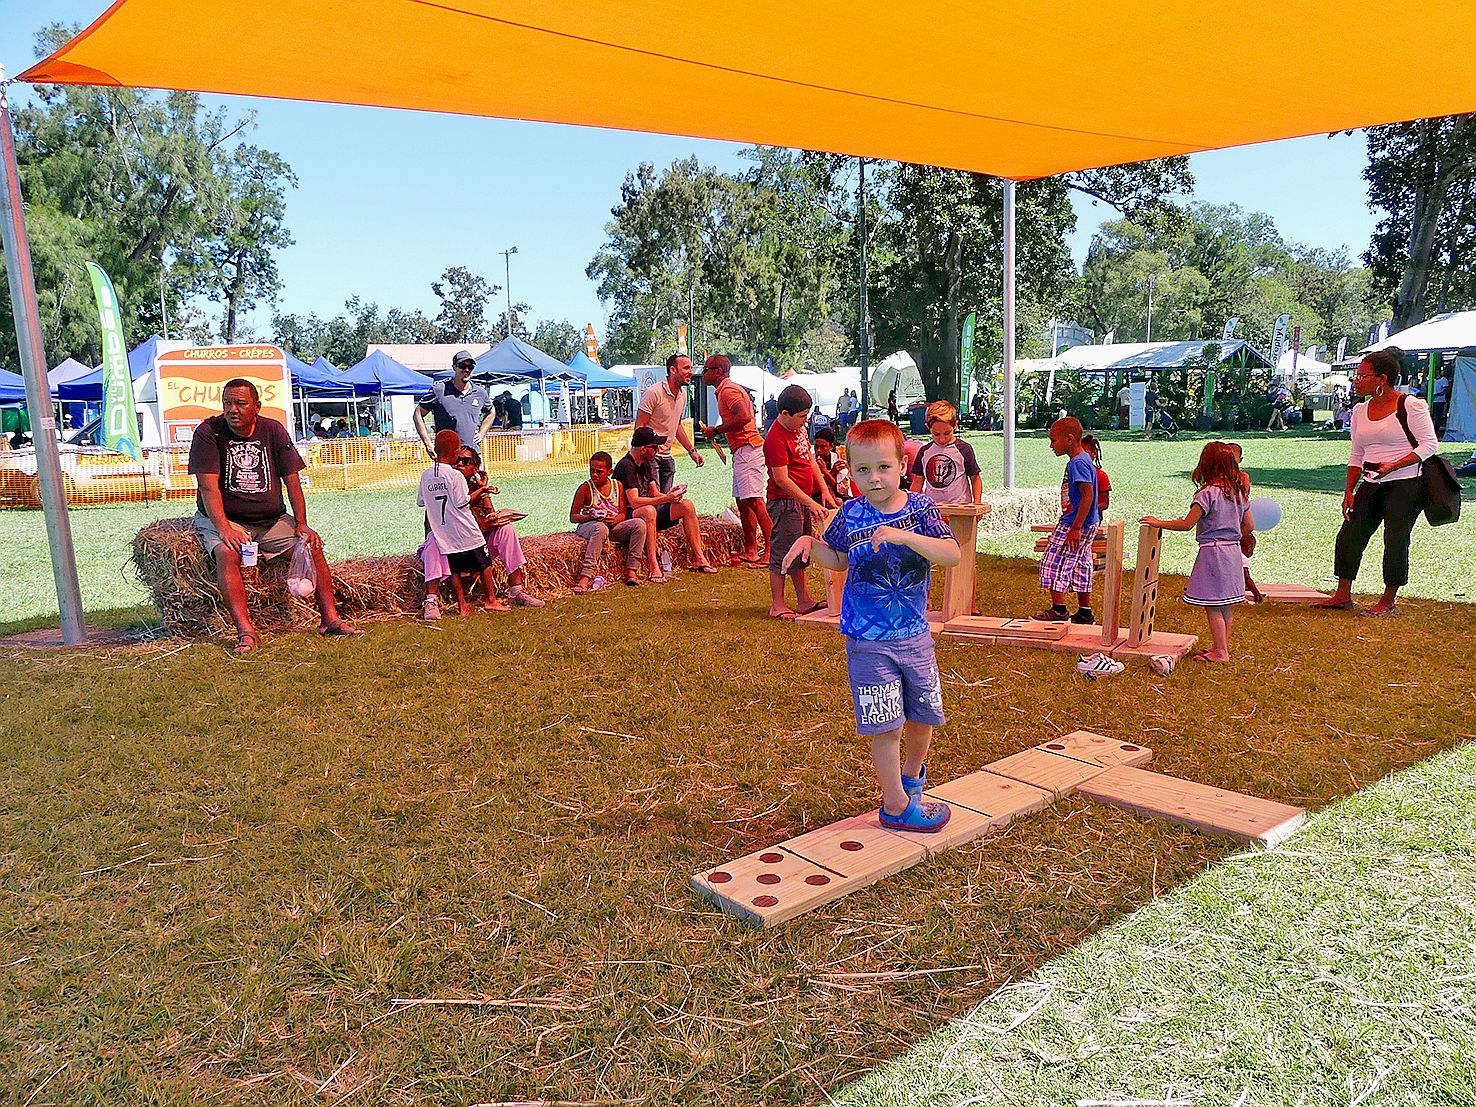 Pour occuper les enfants pendant que les parents déjeunaient sur des bottes de paille, plusieurs jeux en bois, comme des dominos et des mikados étaient à disposition sous des tentes.